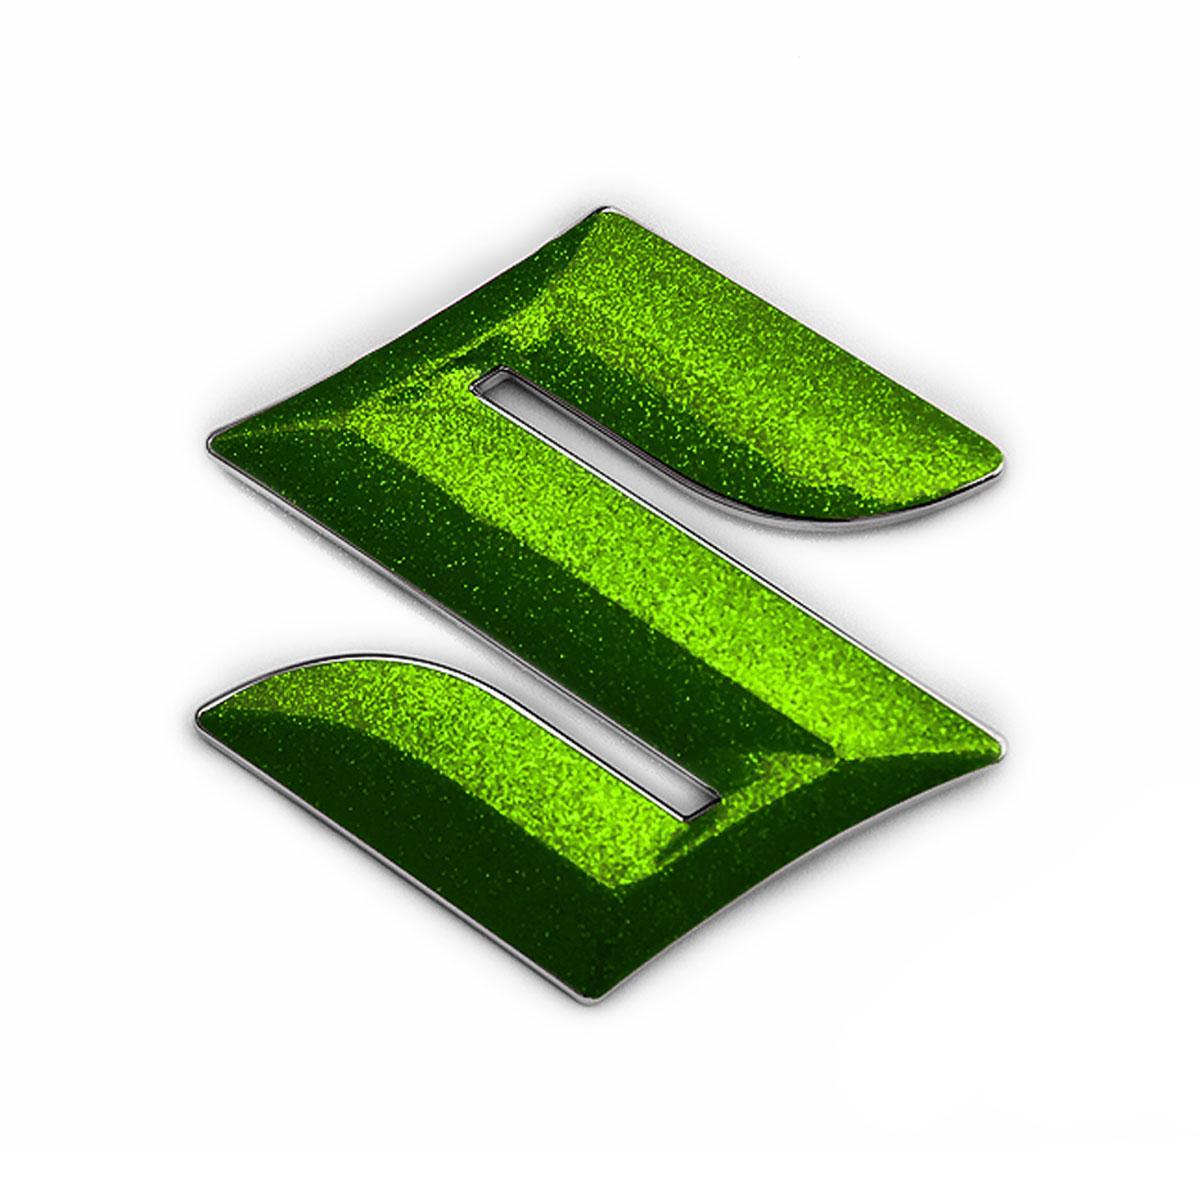 店 メール便送料無料 格安 SUZUKI SWIFT RS ZC83S用パーツ BATBERRYエンブレムフィルム EFZ05m スズキマーク ハンドル用 粗目メタリックライトグリーン ■高さ45mmのエンブレムに対応 スイフトRS ステアリング ZC83S メタリックフレークシート